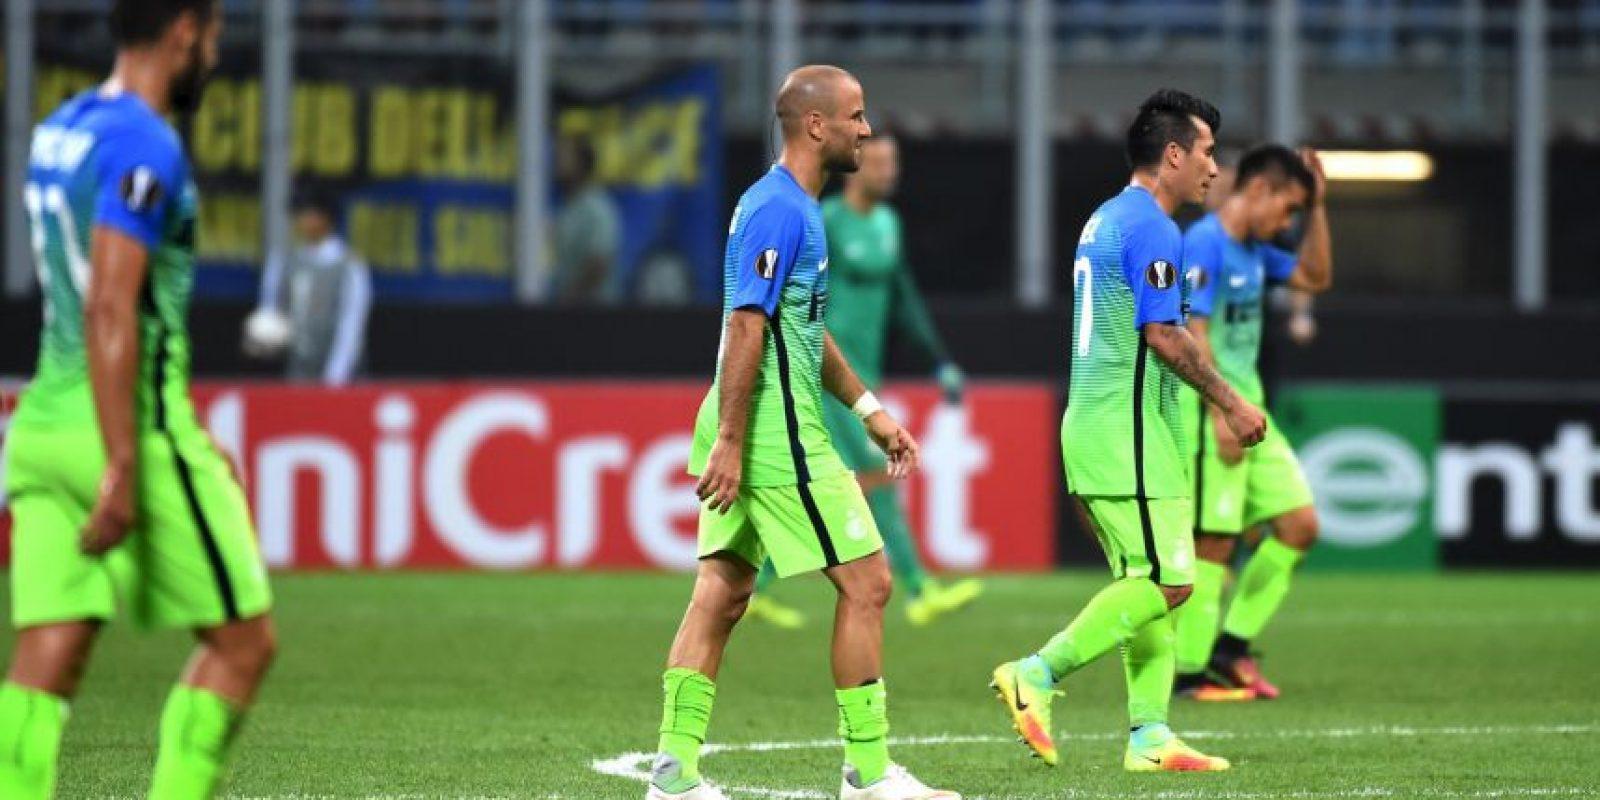 Foto:Los lombardos se llevaron críticas por su derrota y por la nueva camiseta.